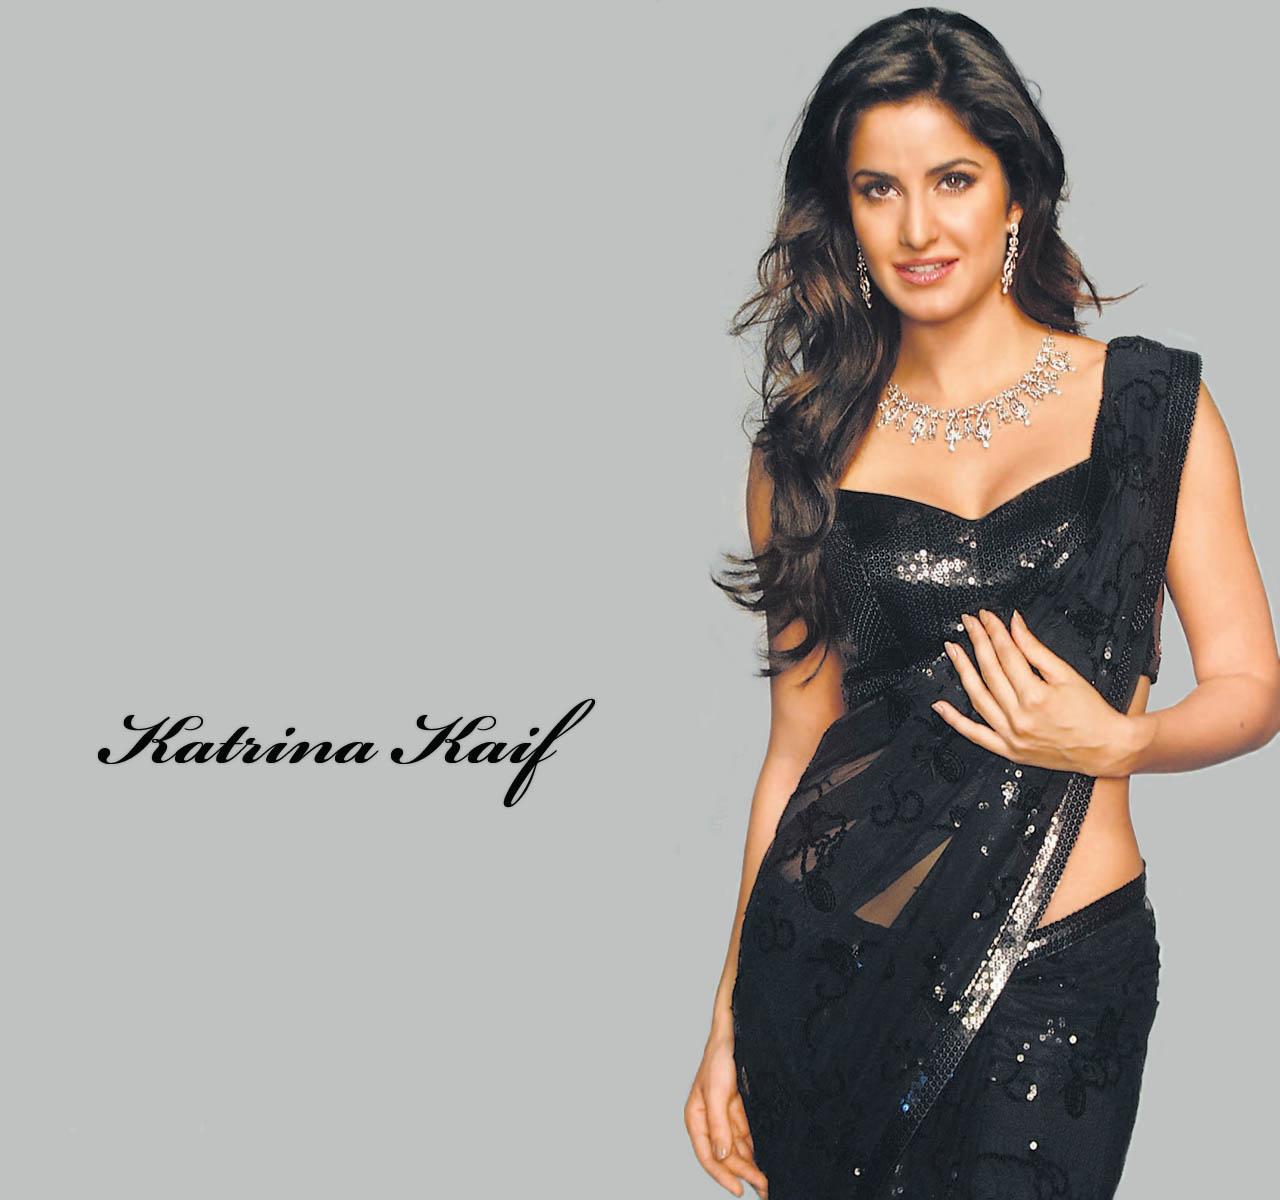 katrina kaif wallpapers in saree katrina kaif wallpapers in saree ...